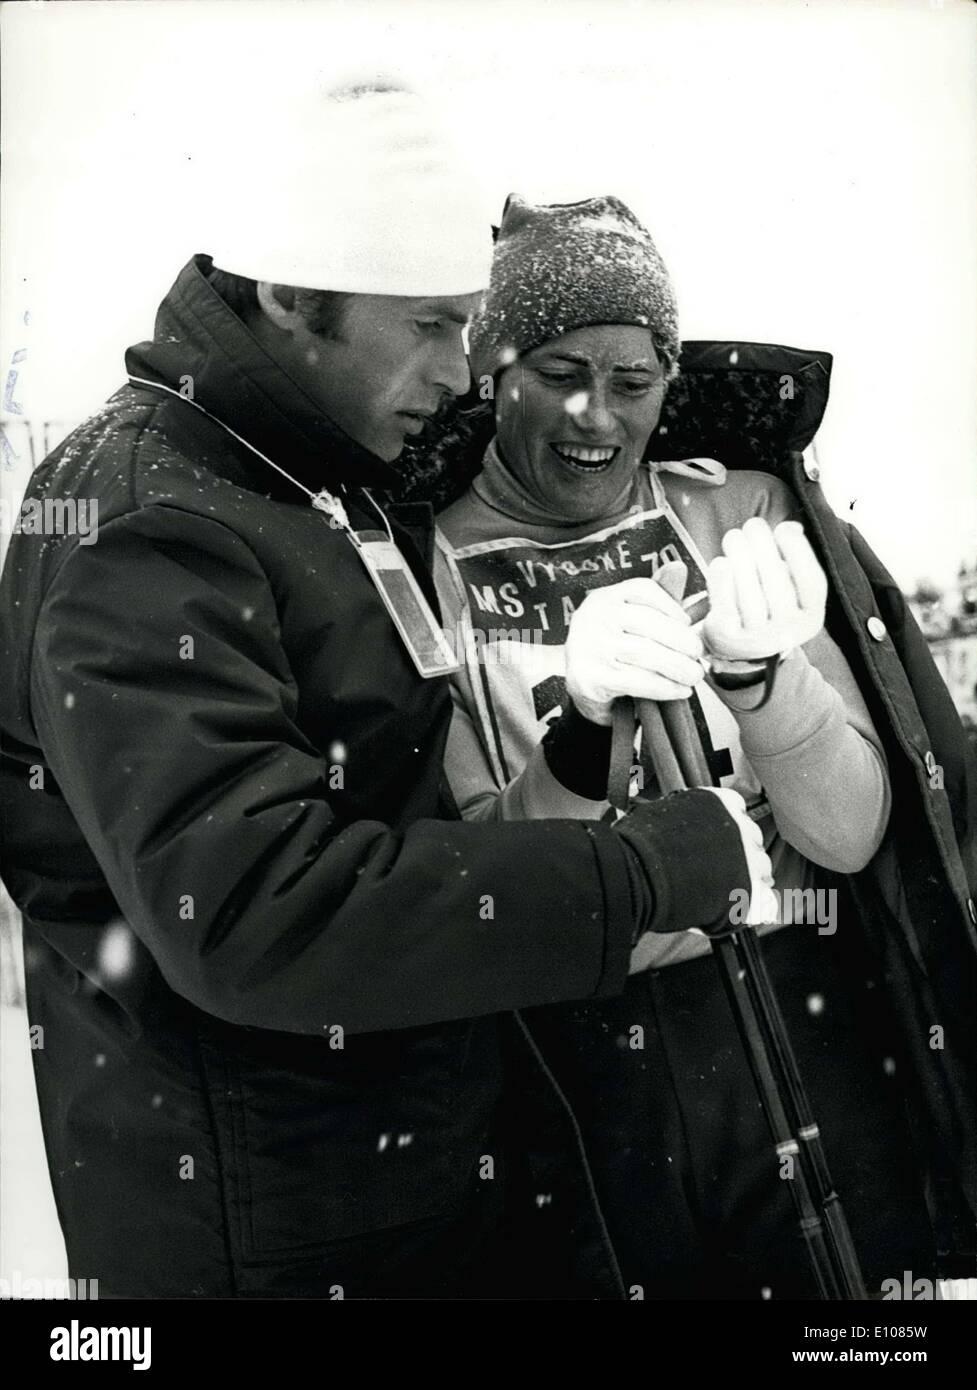 19. Februar 1970 - Weltmeister in der nordischen Ski Veranstaltungen - 5. Tag: am 18. Februar war die einzige Veranstaltung der aktuellen WM der Damen 10 Kilometern cross Country Rennen. 44 Mädchen Skifahrer aus 14 Ländern führen die Gleise unter sehr ungünstigen Frost und Schneefall. Trotz dieser Wetterbedingungen war der Kurs interessant, sehr schnell und dramatisch. Die Top-Platzierungen des Rennens, wo die sowjetische Skifahrer eine fantastische Geschwindigkeit durchgeführt. Olyunina aus den zweiten Platz kämpfte in der ersten und Kulakova, aus dem 13. erweitert, auch um den 3. Platz Stockbild